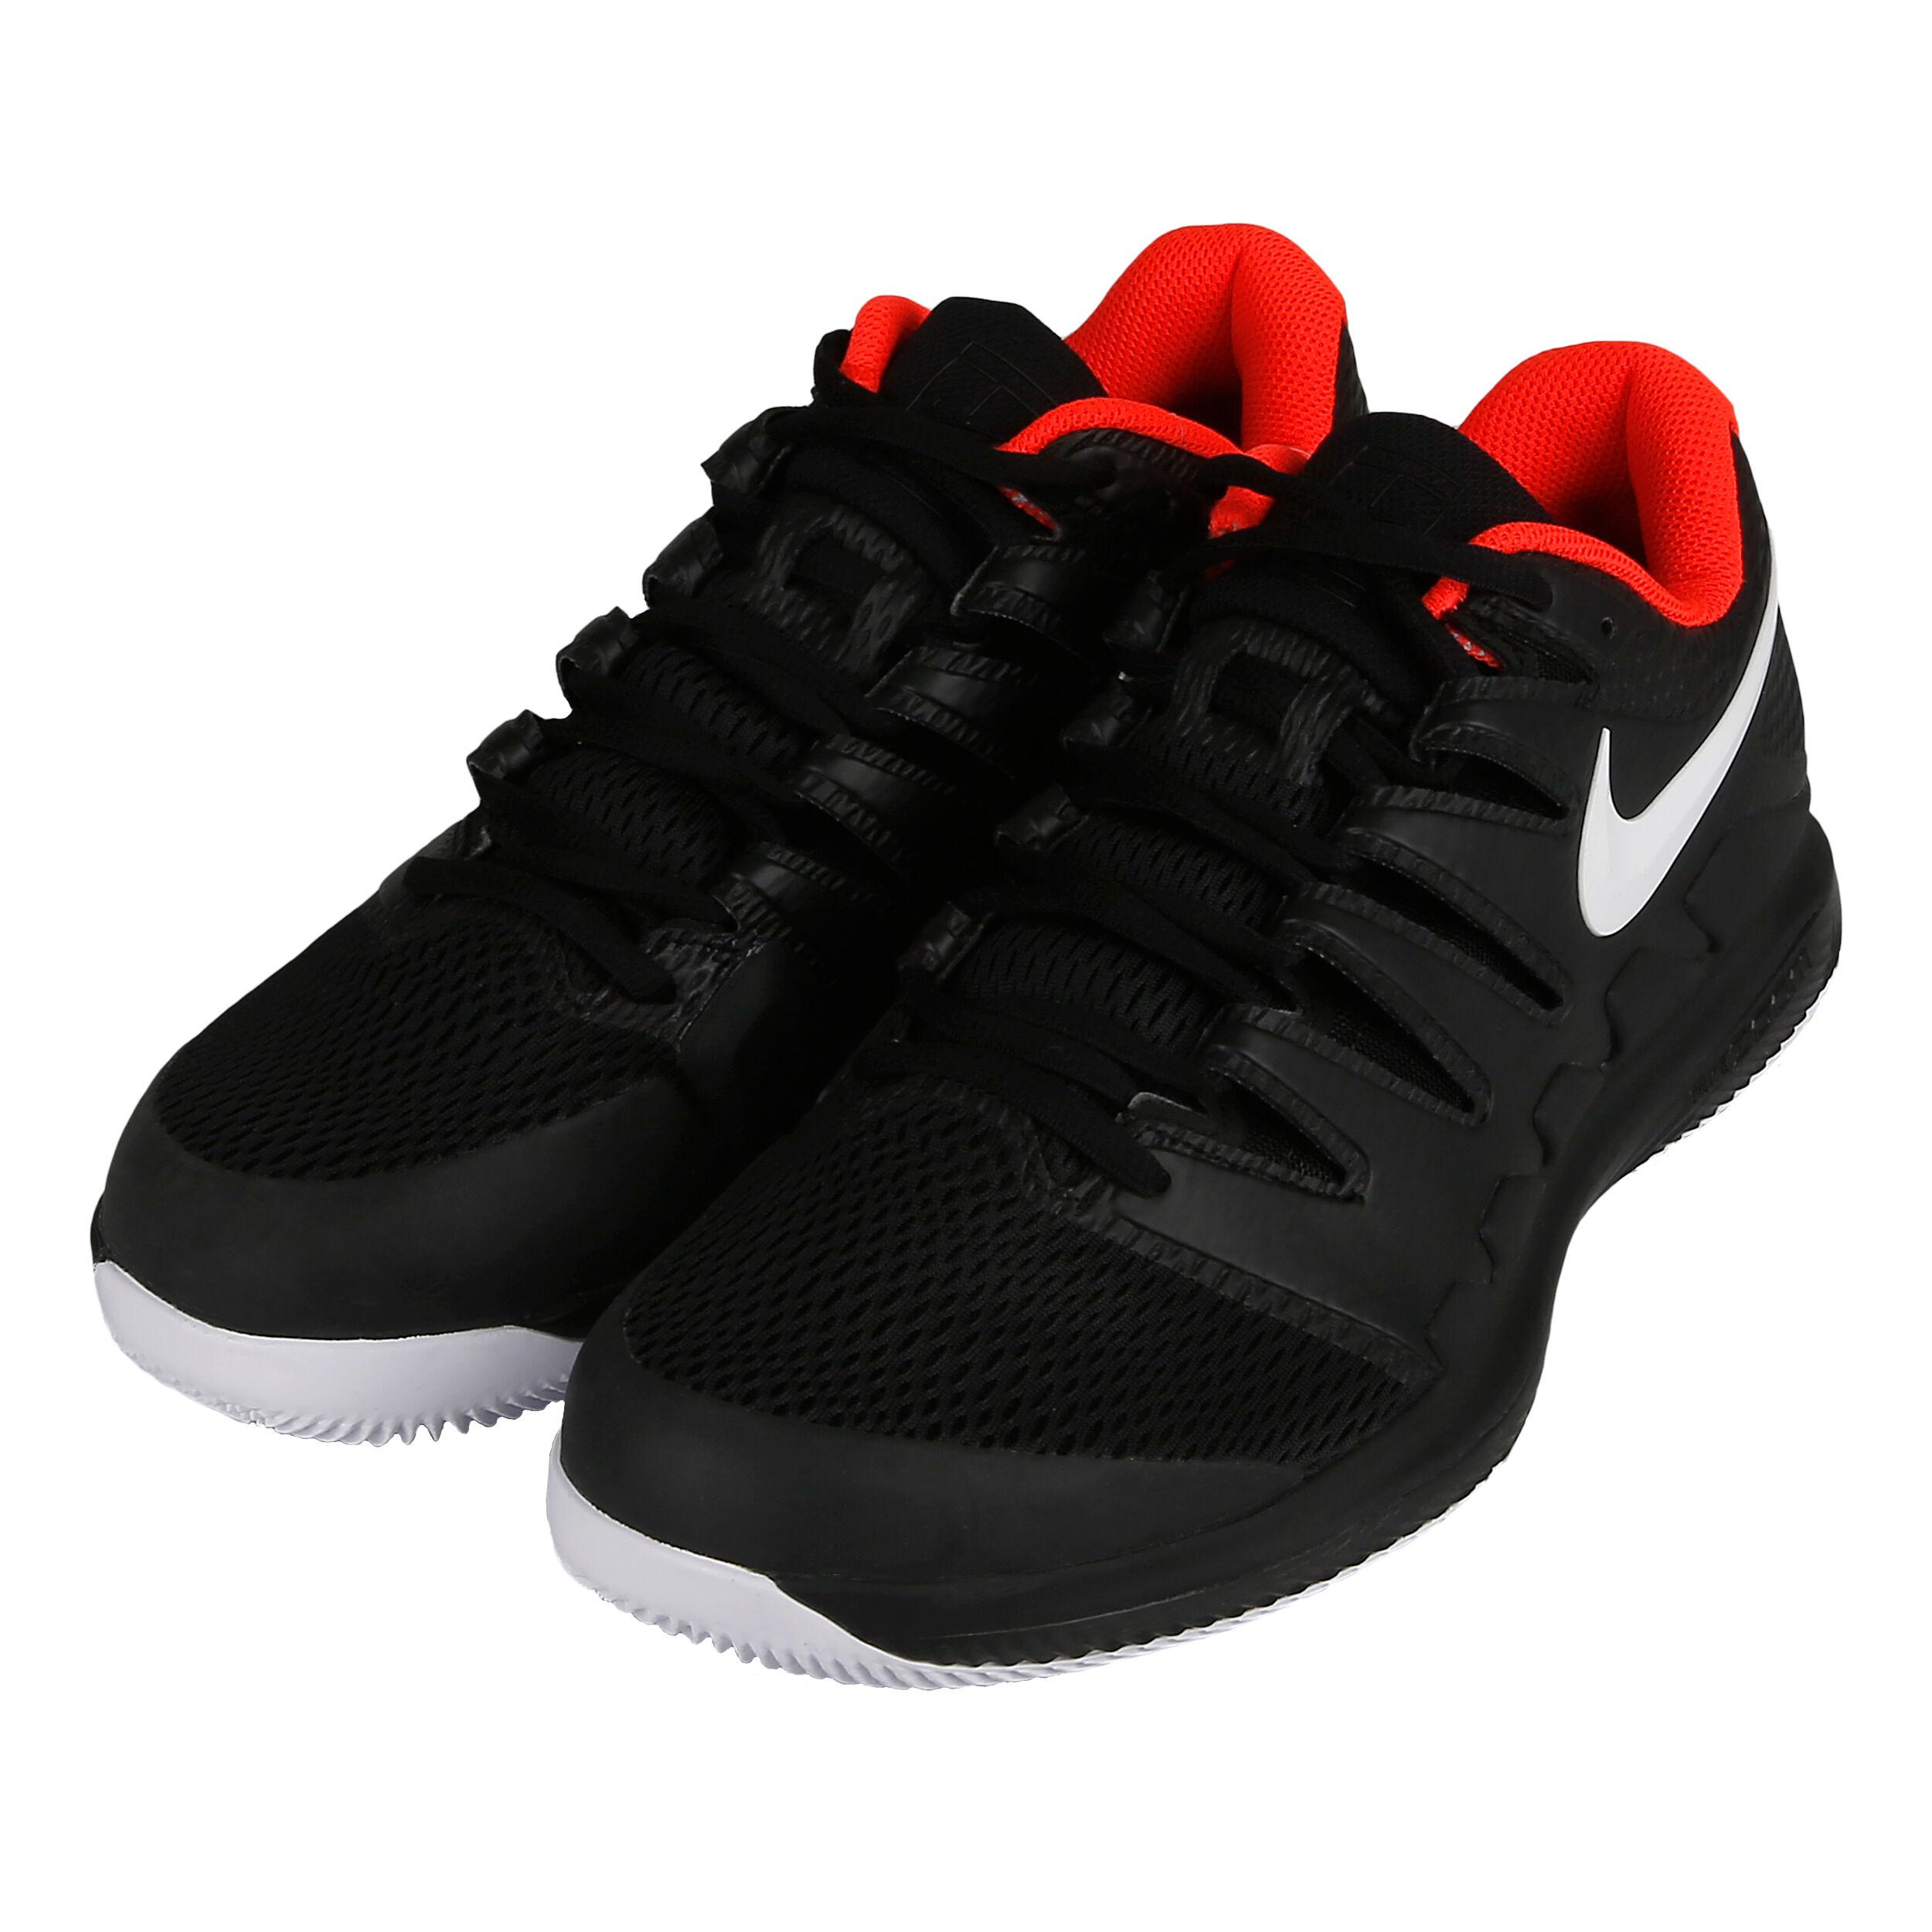 Nike Air Zoom Vapor X HC Allcourt sko Herrer Sort, Hvid